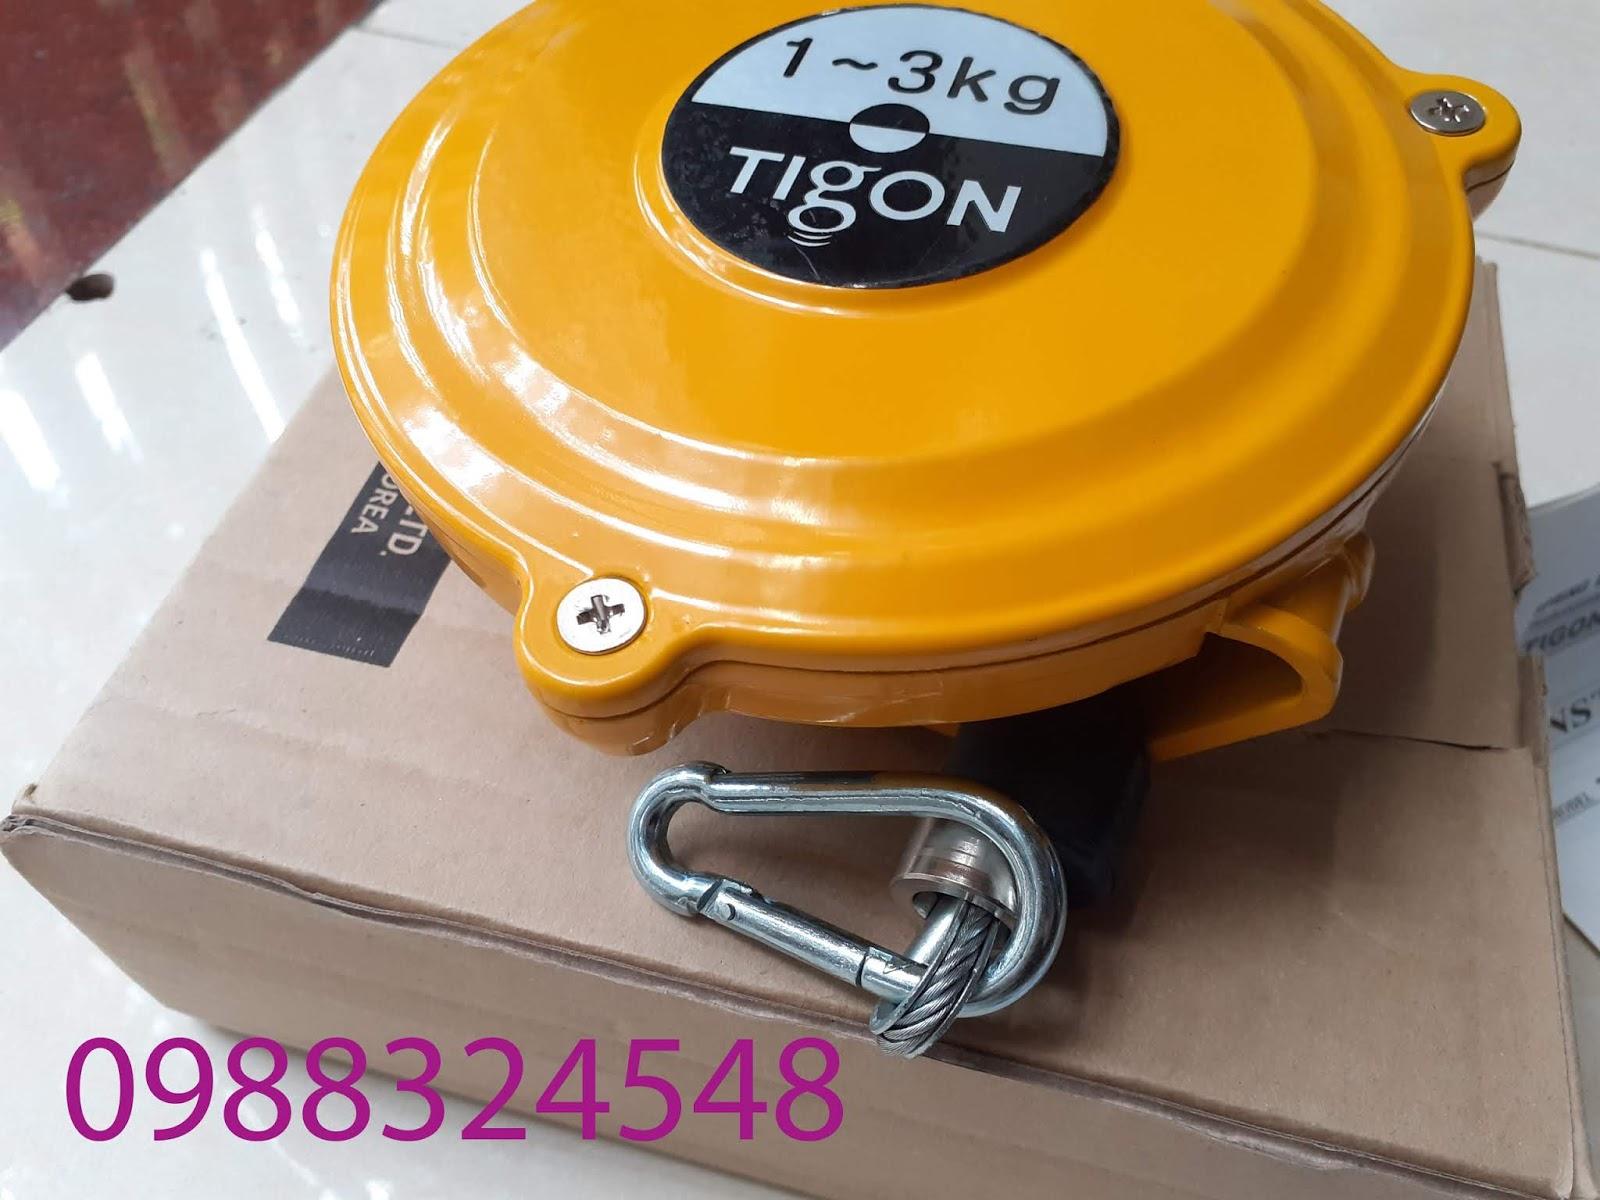 Pa lăng cân bằng Tigon TW-3